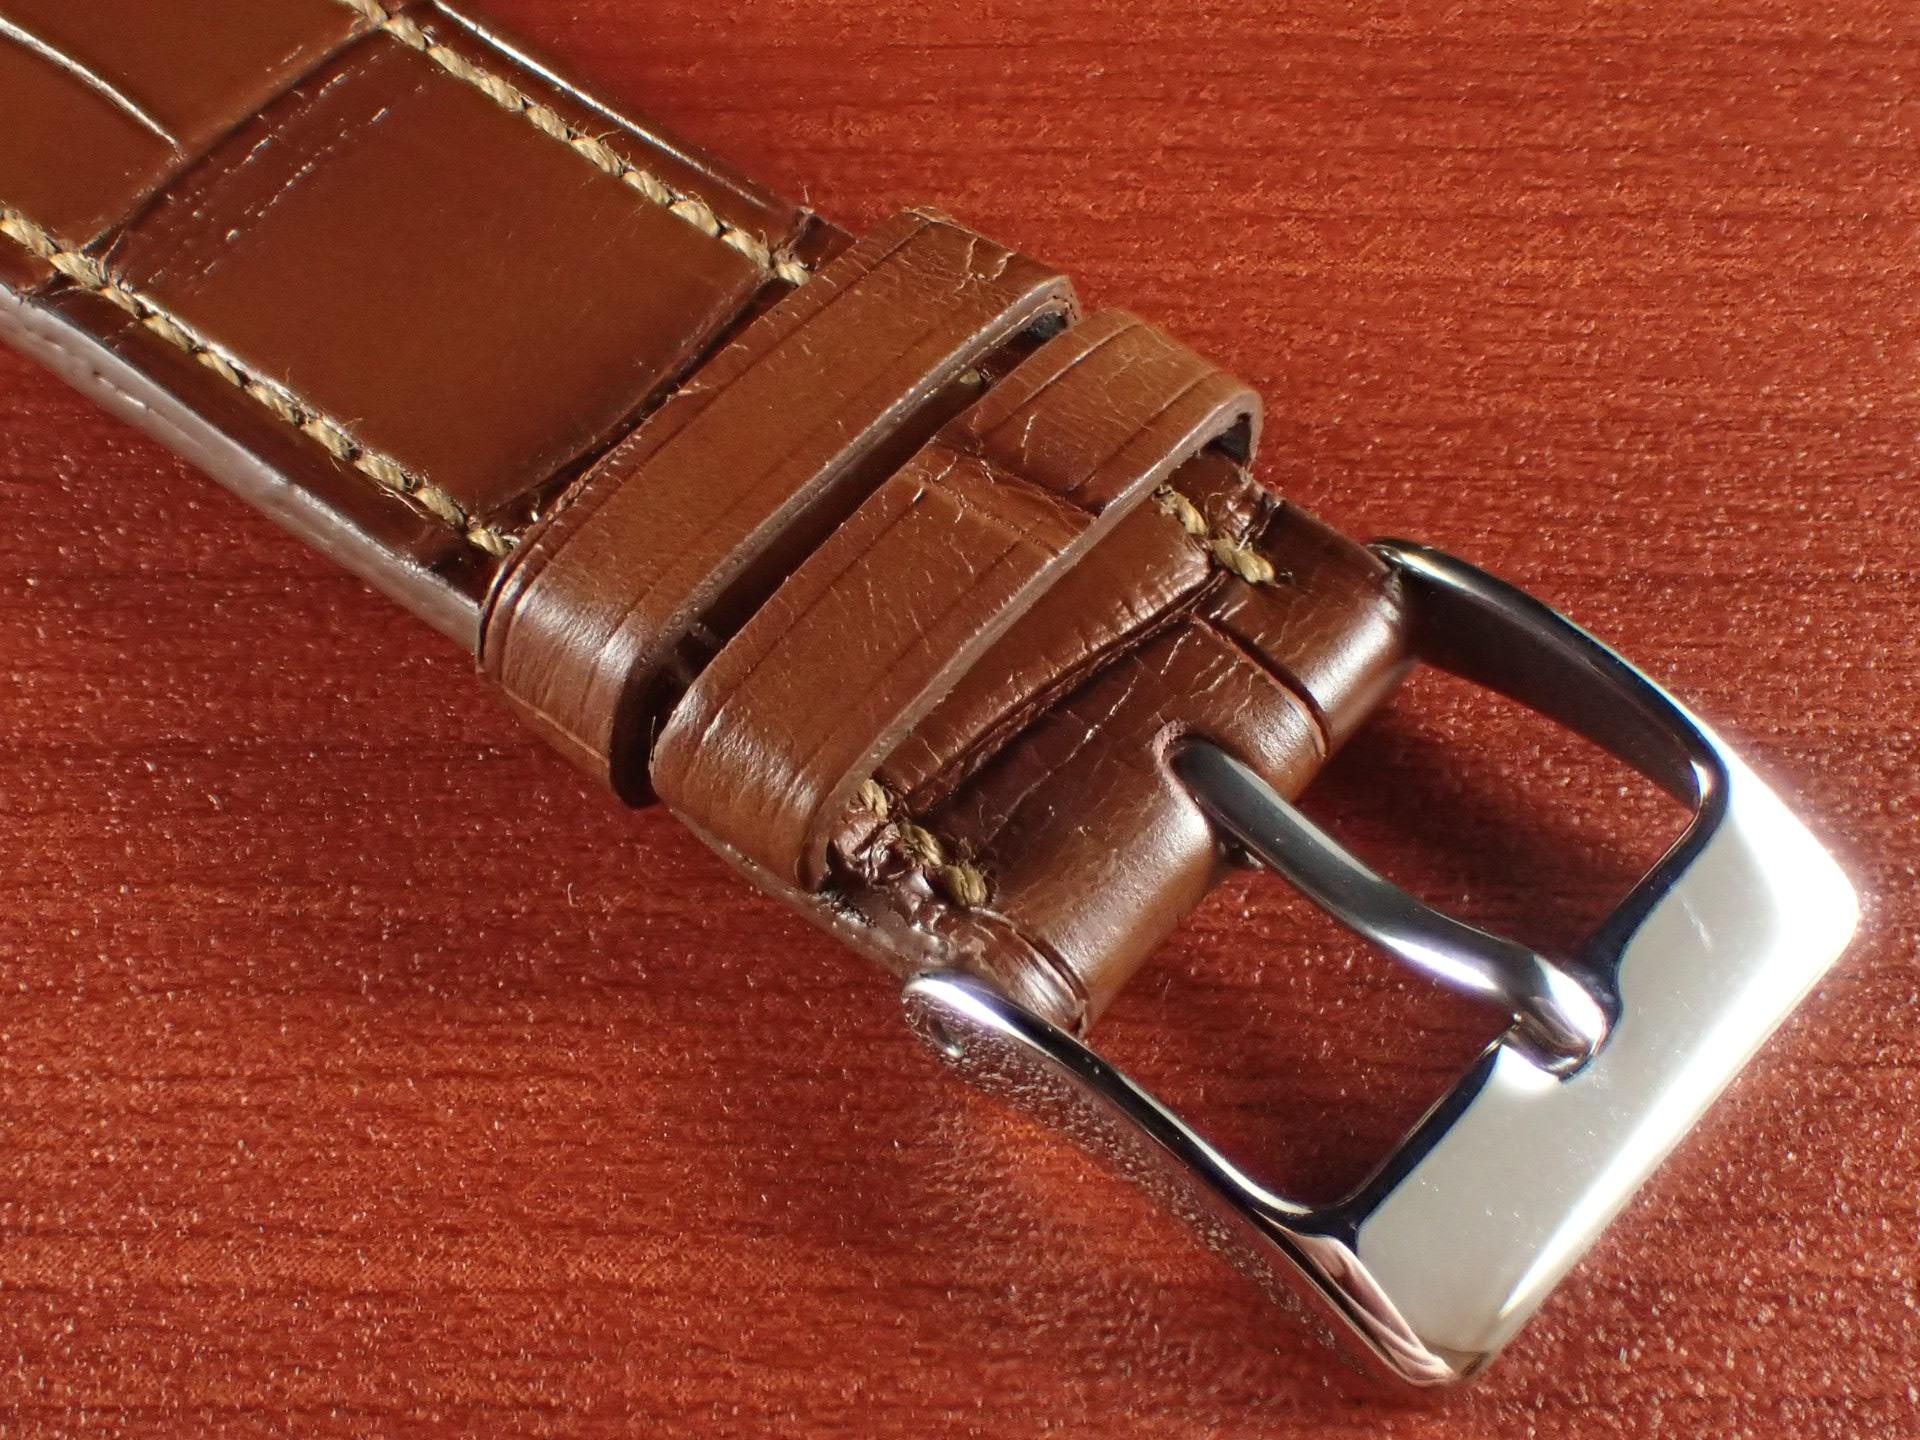 ジャン・クロード ペラン革ベルト クロコダイル ライトブラウン 18mmの写真3枚目